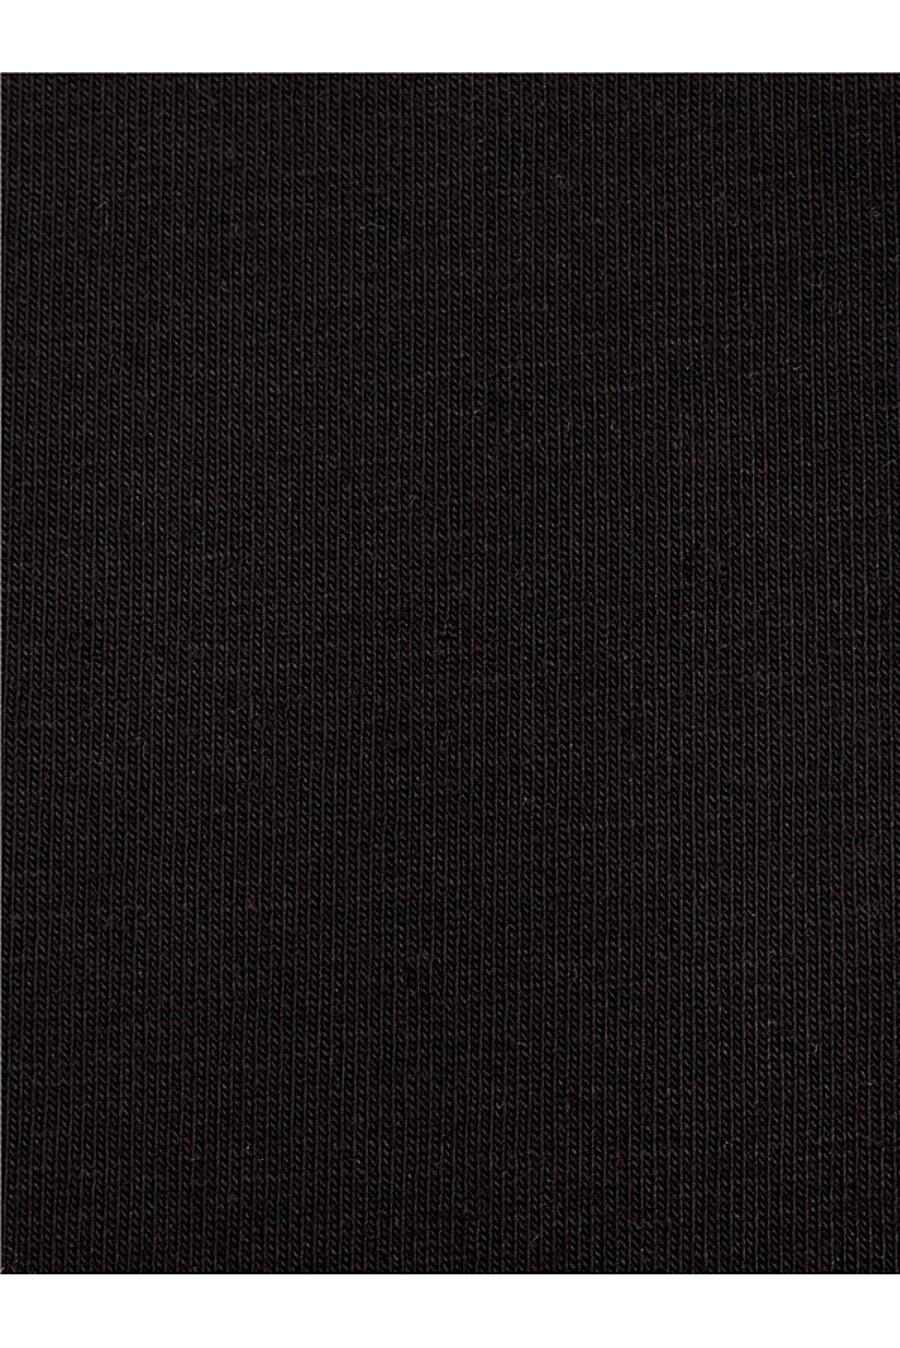 Туника  для женщин АПРЕЛЬ 707969 купить оптом от производителя. Совместная покупка женской одежды в OptMoyo